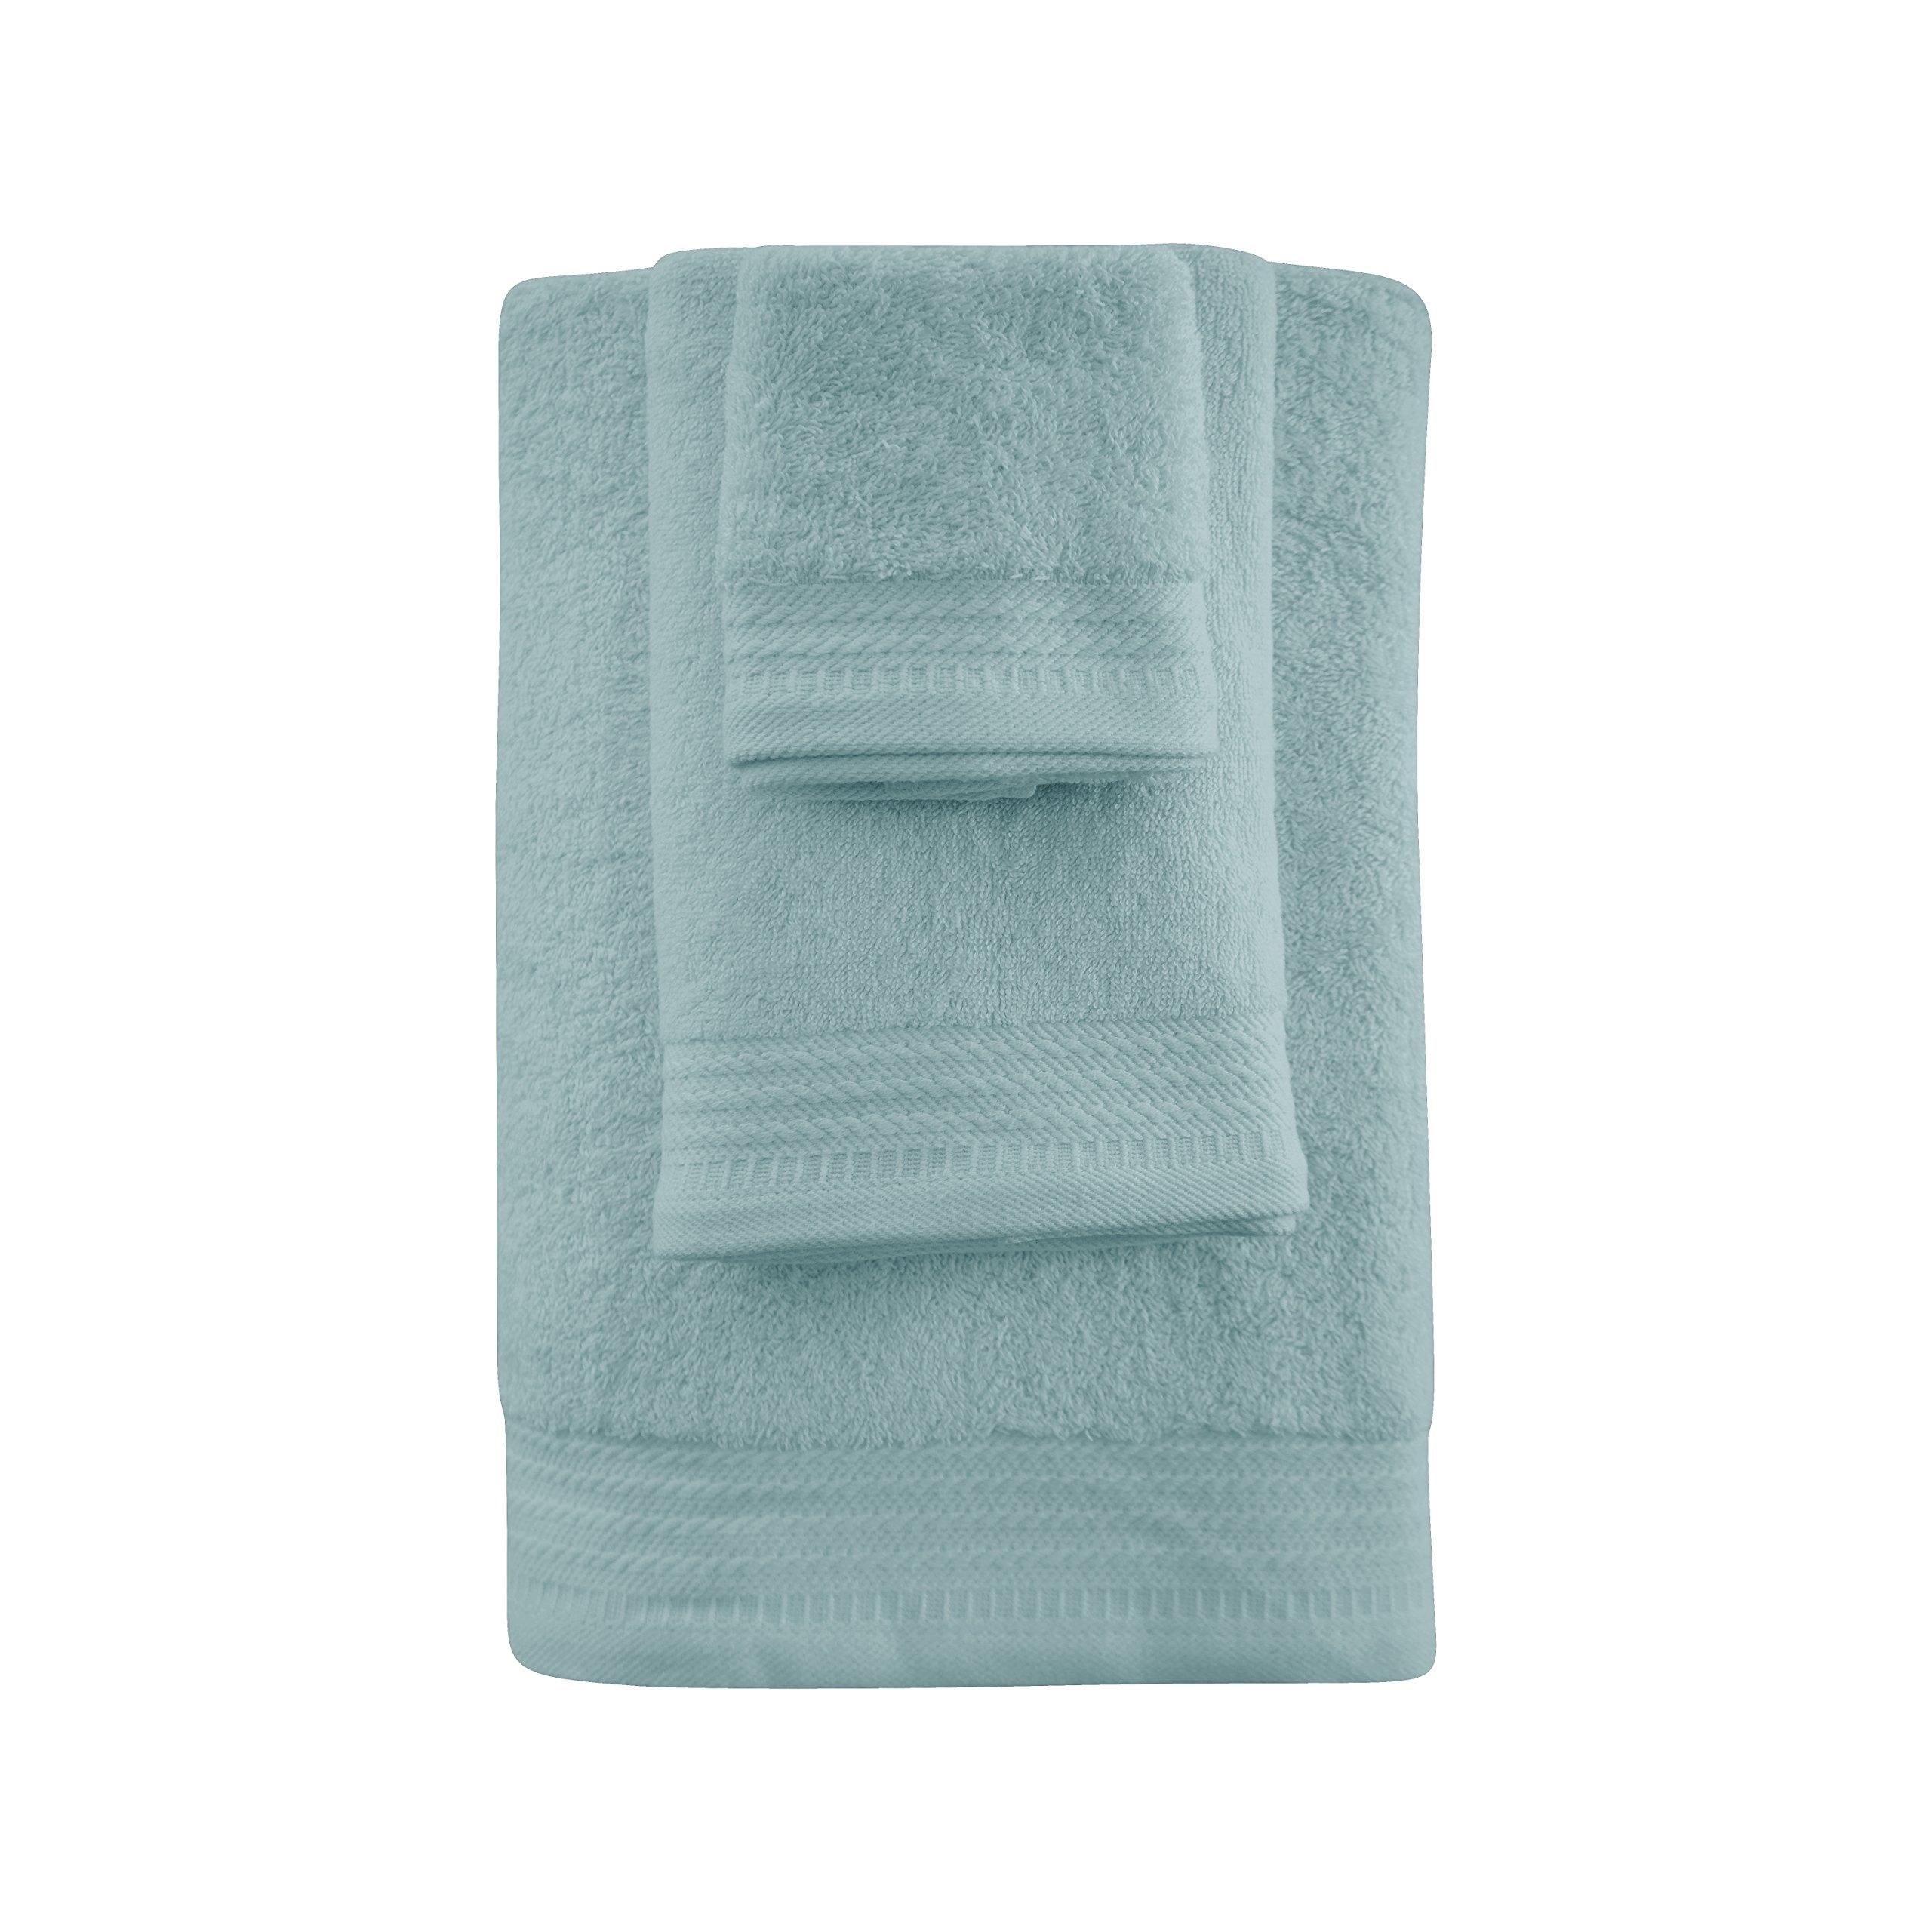 Eiffel Textile Juego de Toallas, Algodón, Aguamarina, 100x150x10 cm, 3 Unidades product